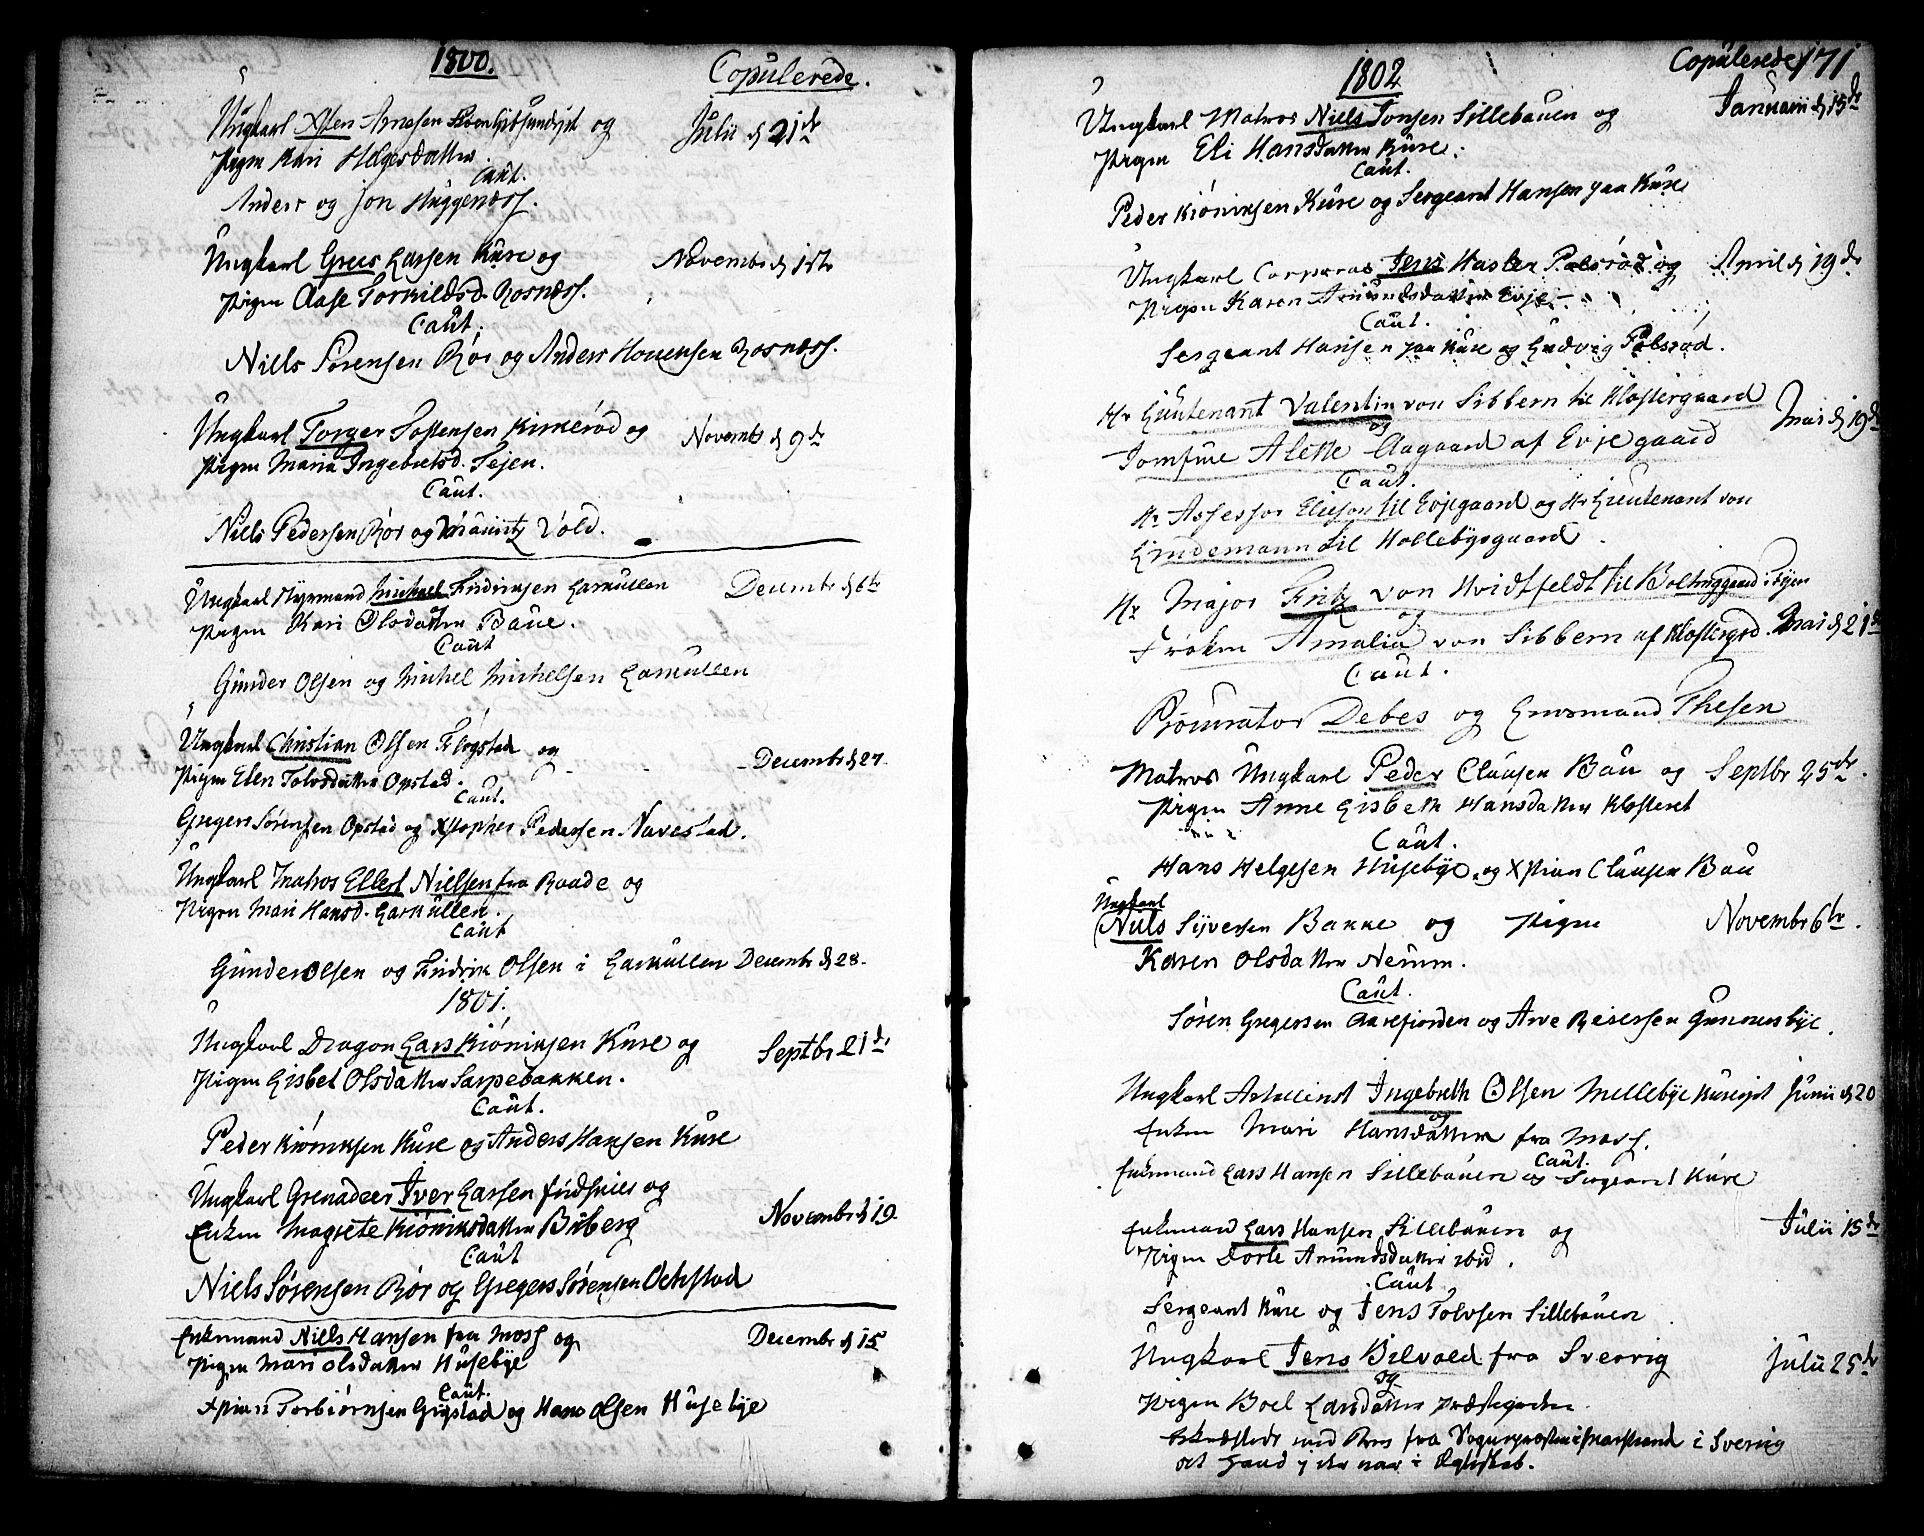 SAO, Rygge prestekontor Kirkebøker, F/Fa/L0002: Ministerialbok nr. 2, 1771-1814, s. 171